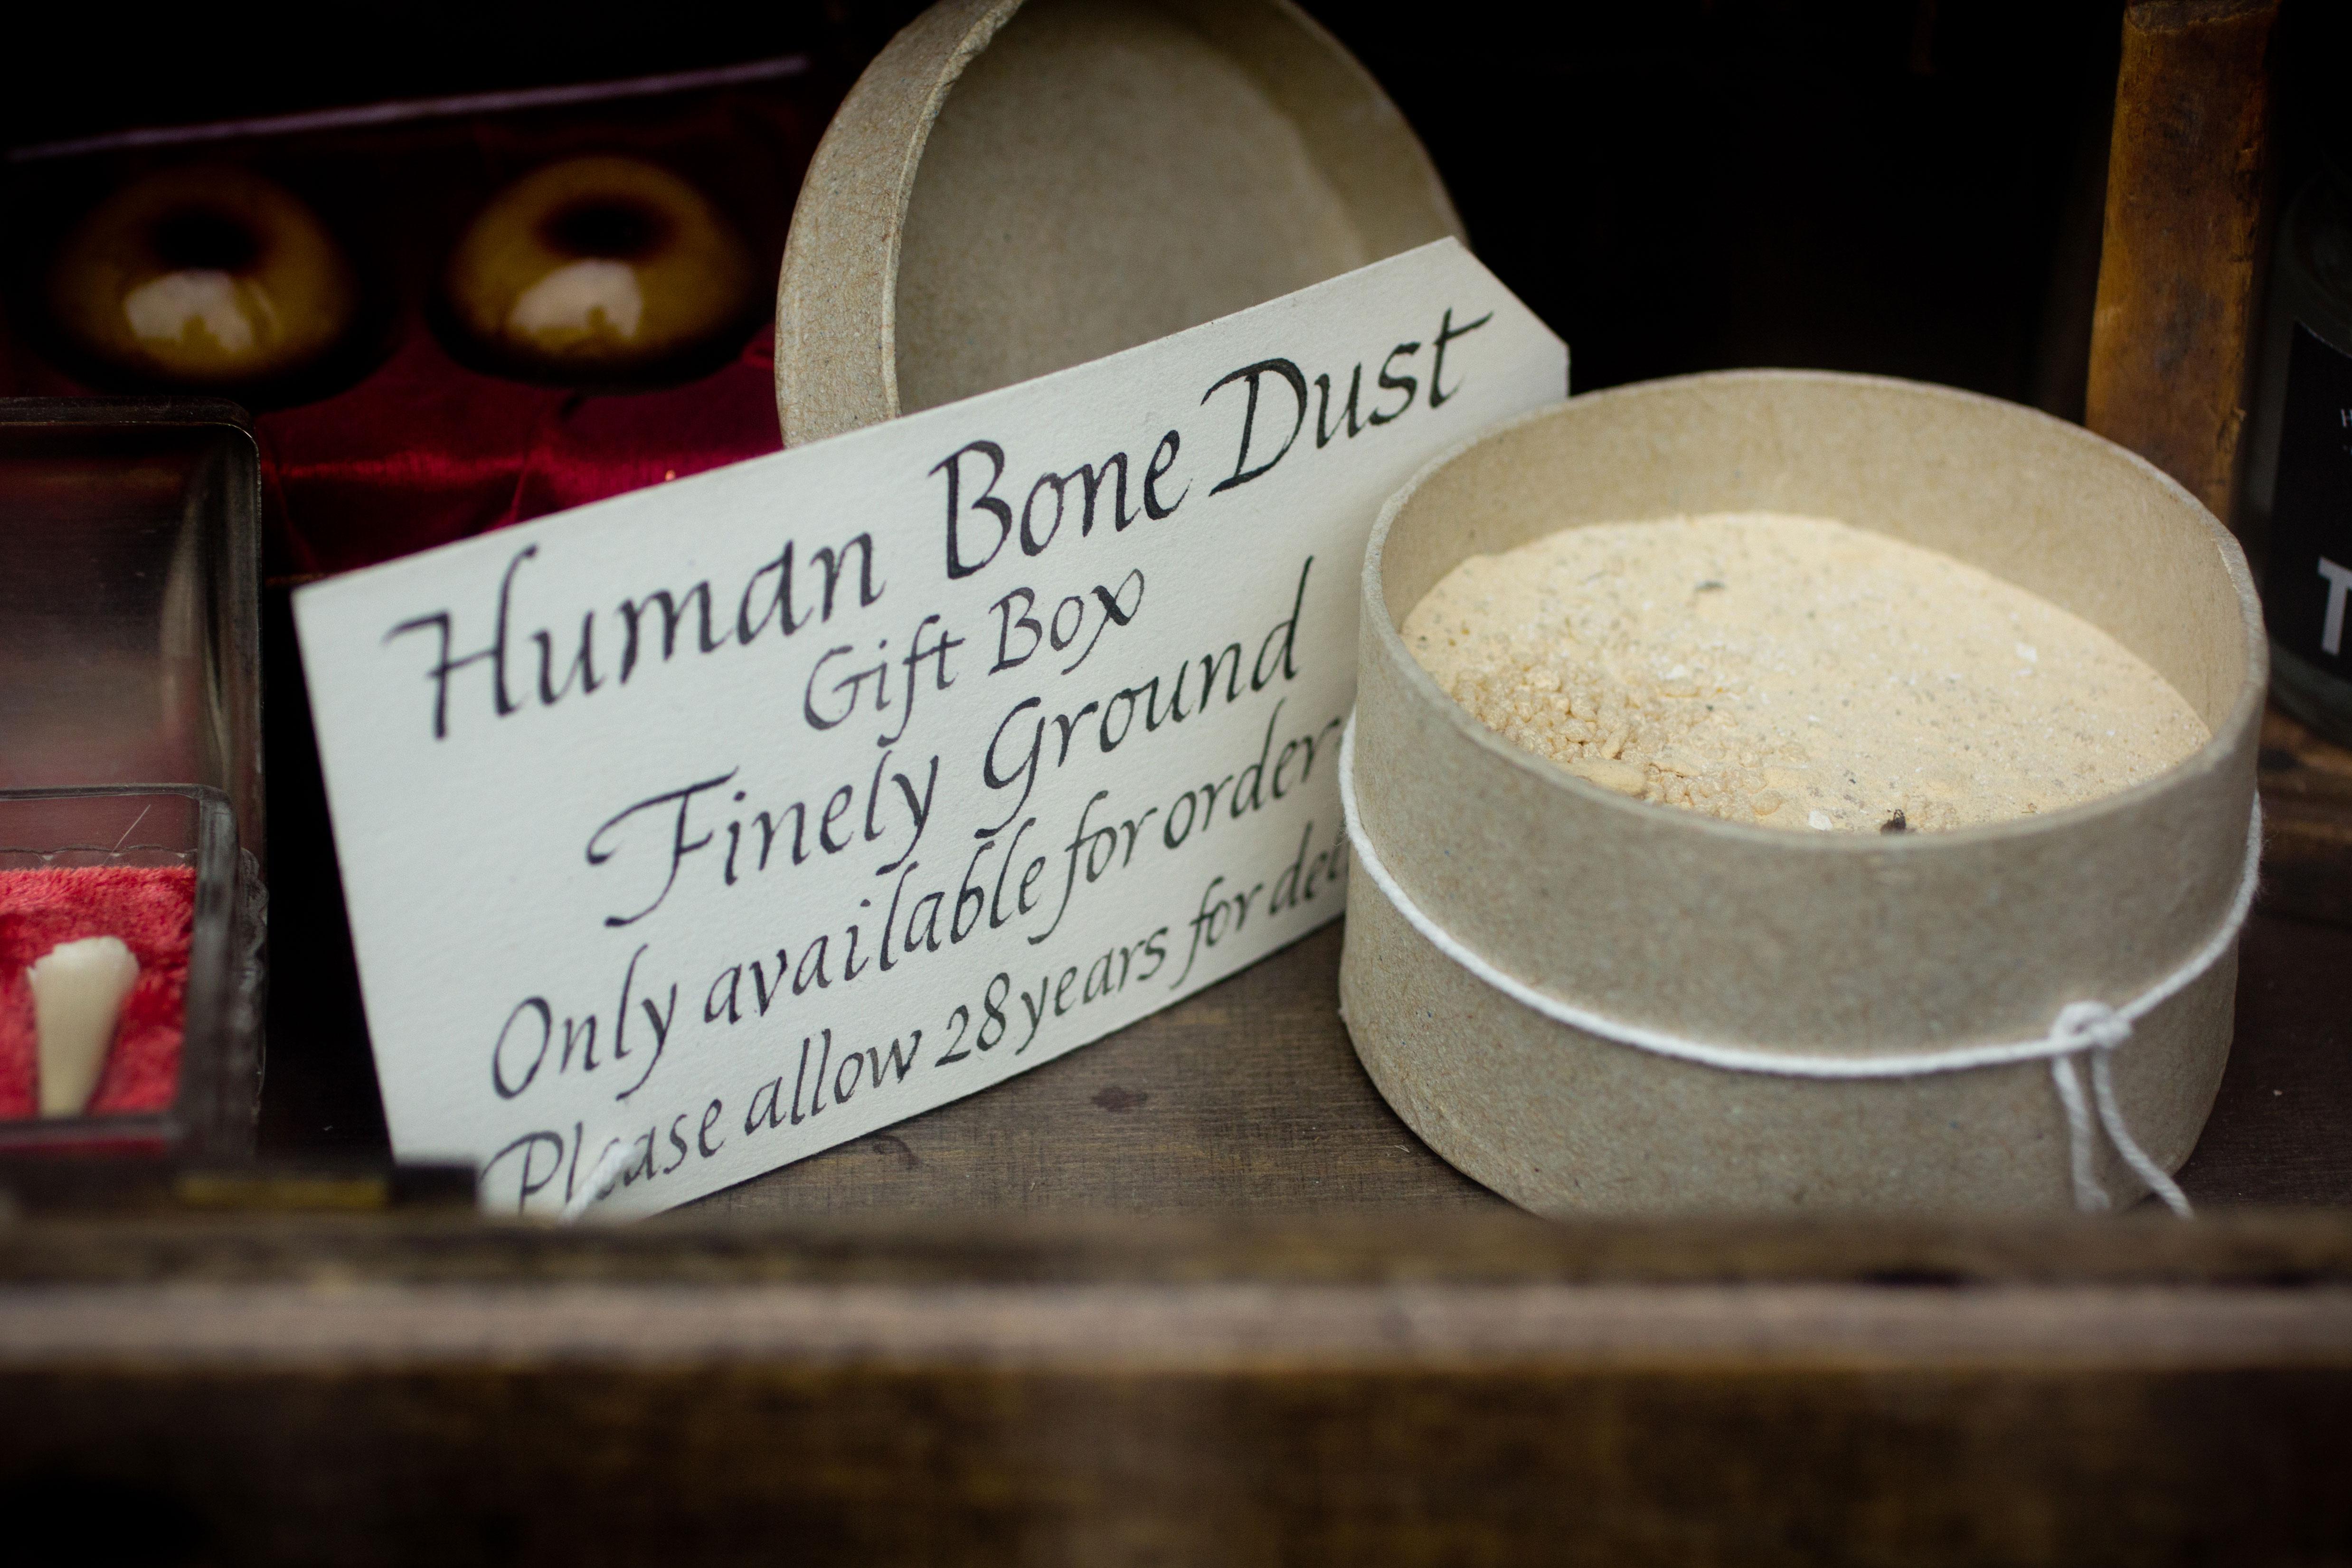 HSMS-human-bone-dust